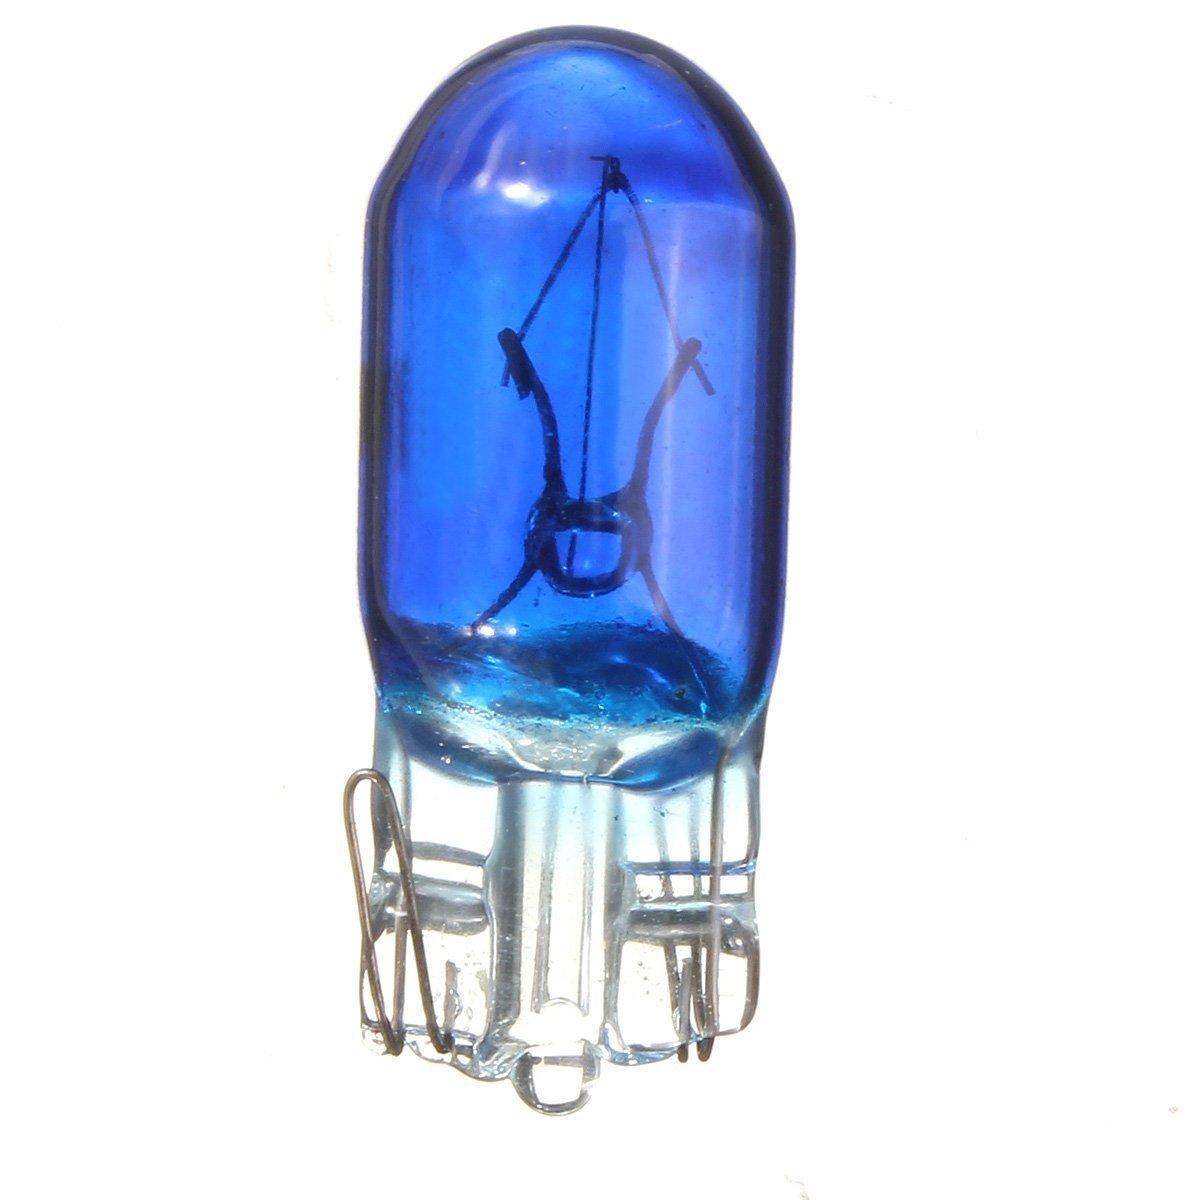 Luz marcadora - SODIAL(R) 10x Azul T10 194 168 W5W Luz Bombilla DC12V Luz marcadora de cuna del coche Luz de estacionamiento Luz trasera Luz de puerta de licencia de automovil 066047